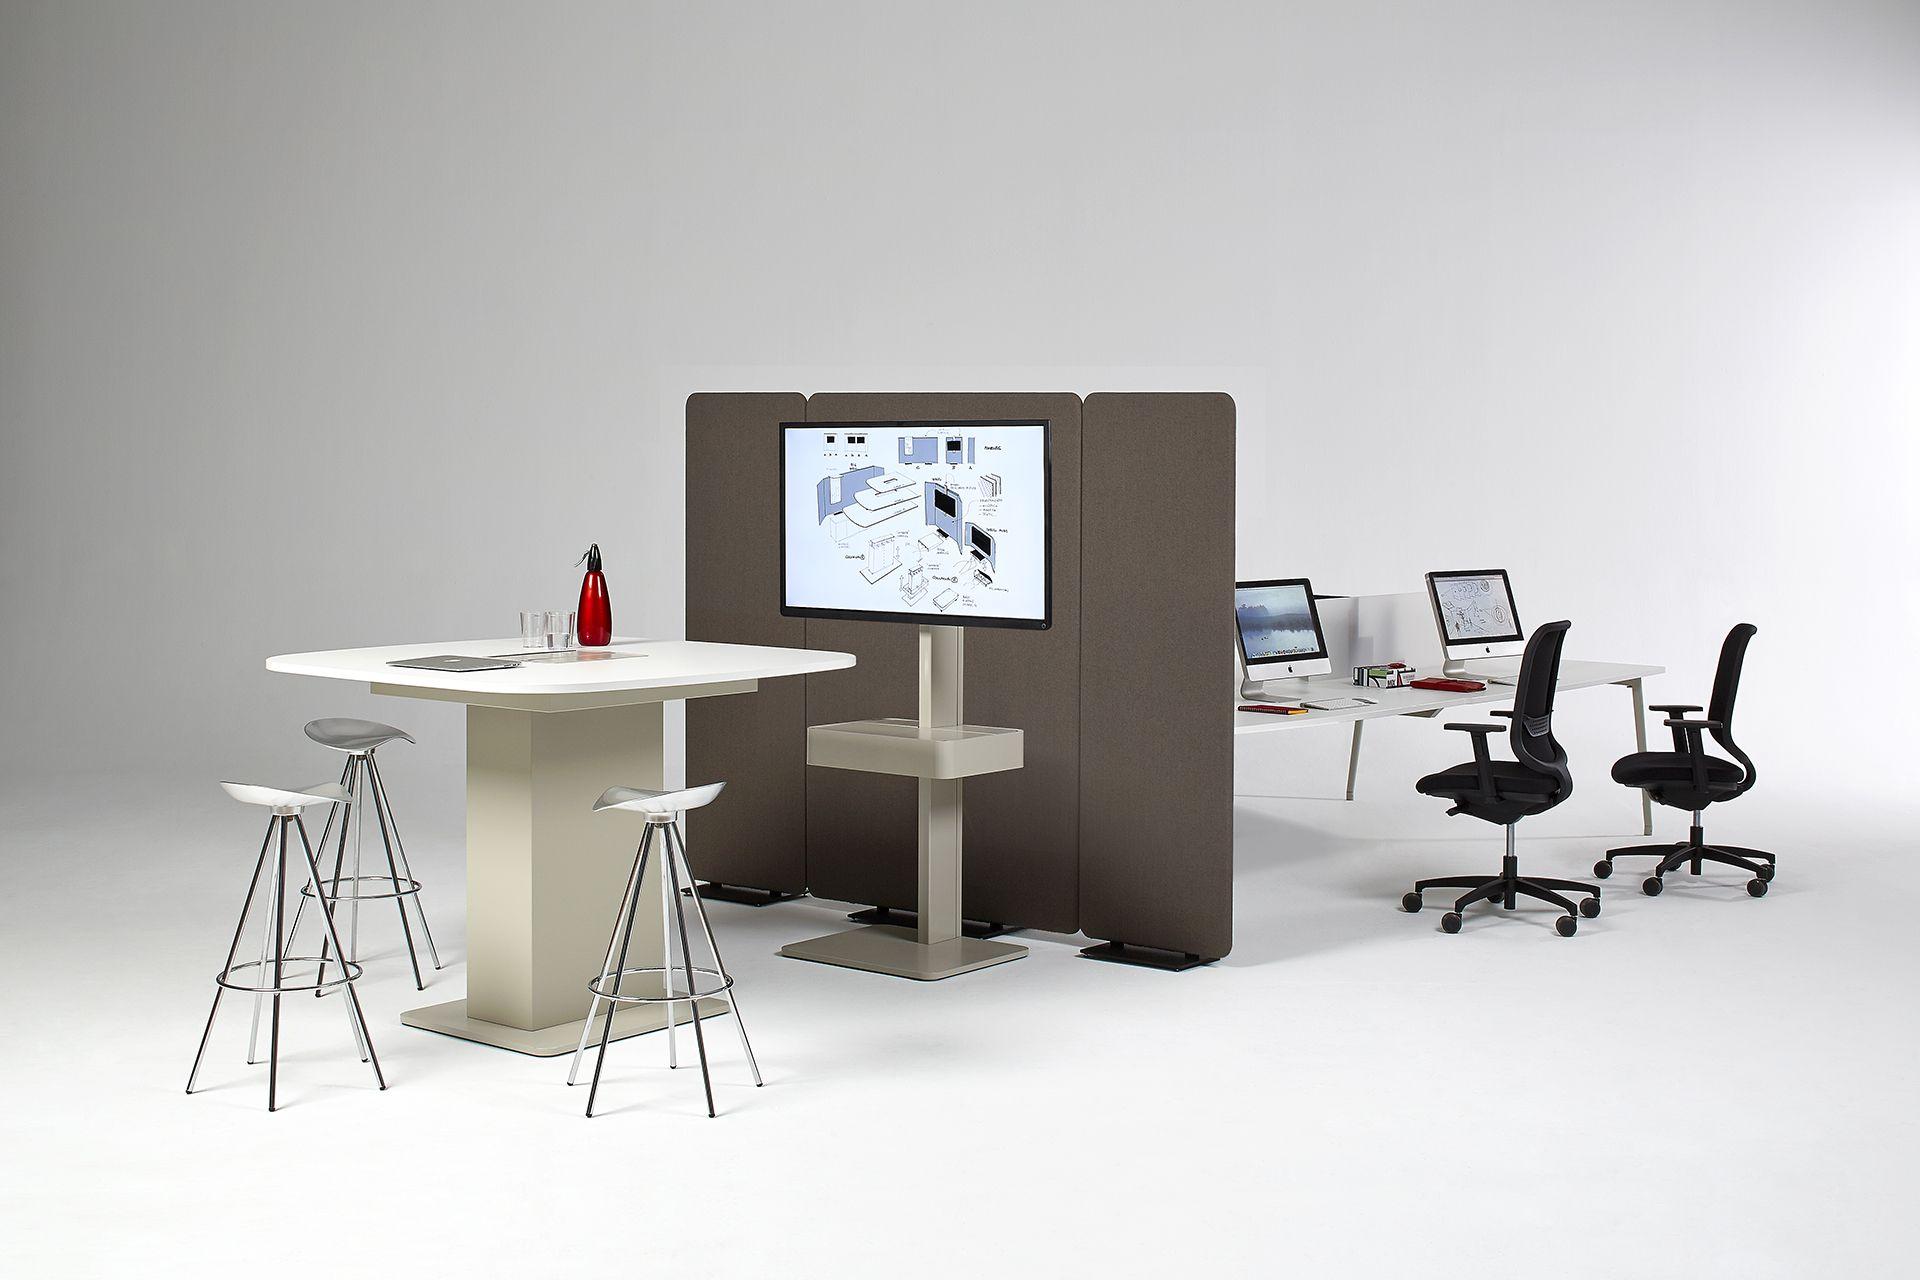 tendencias 2019 en el mobiliario y diseño de oficina